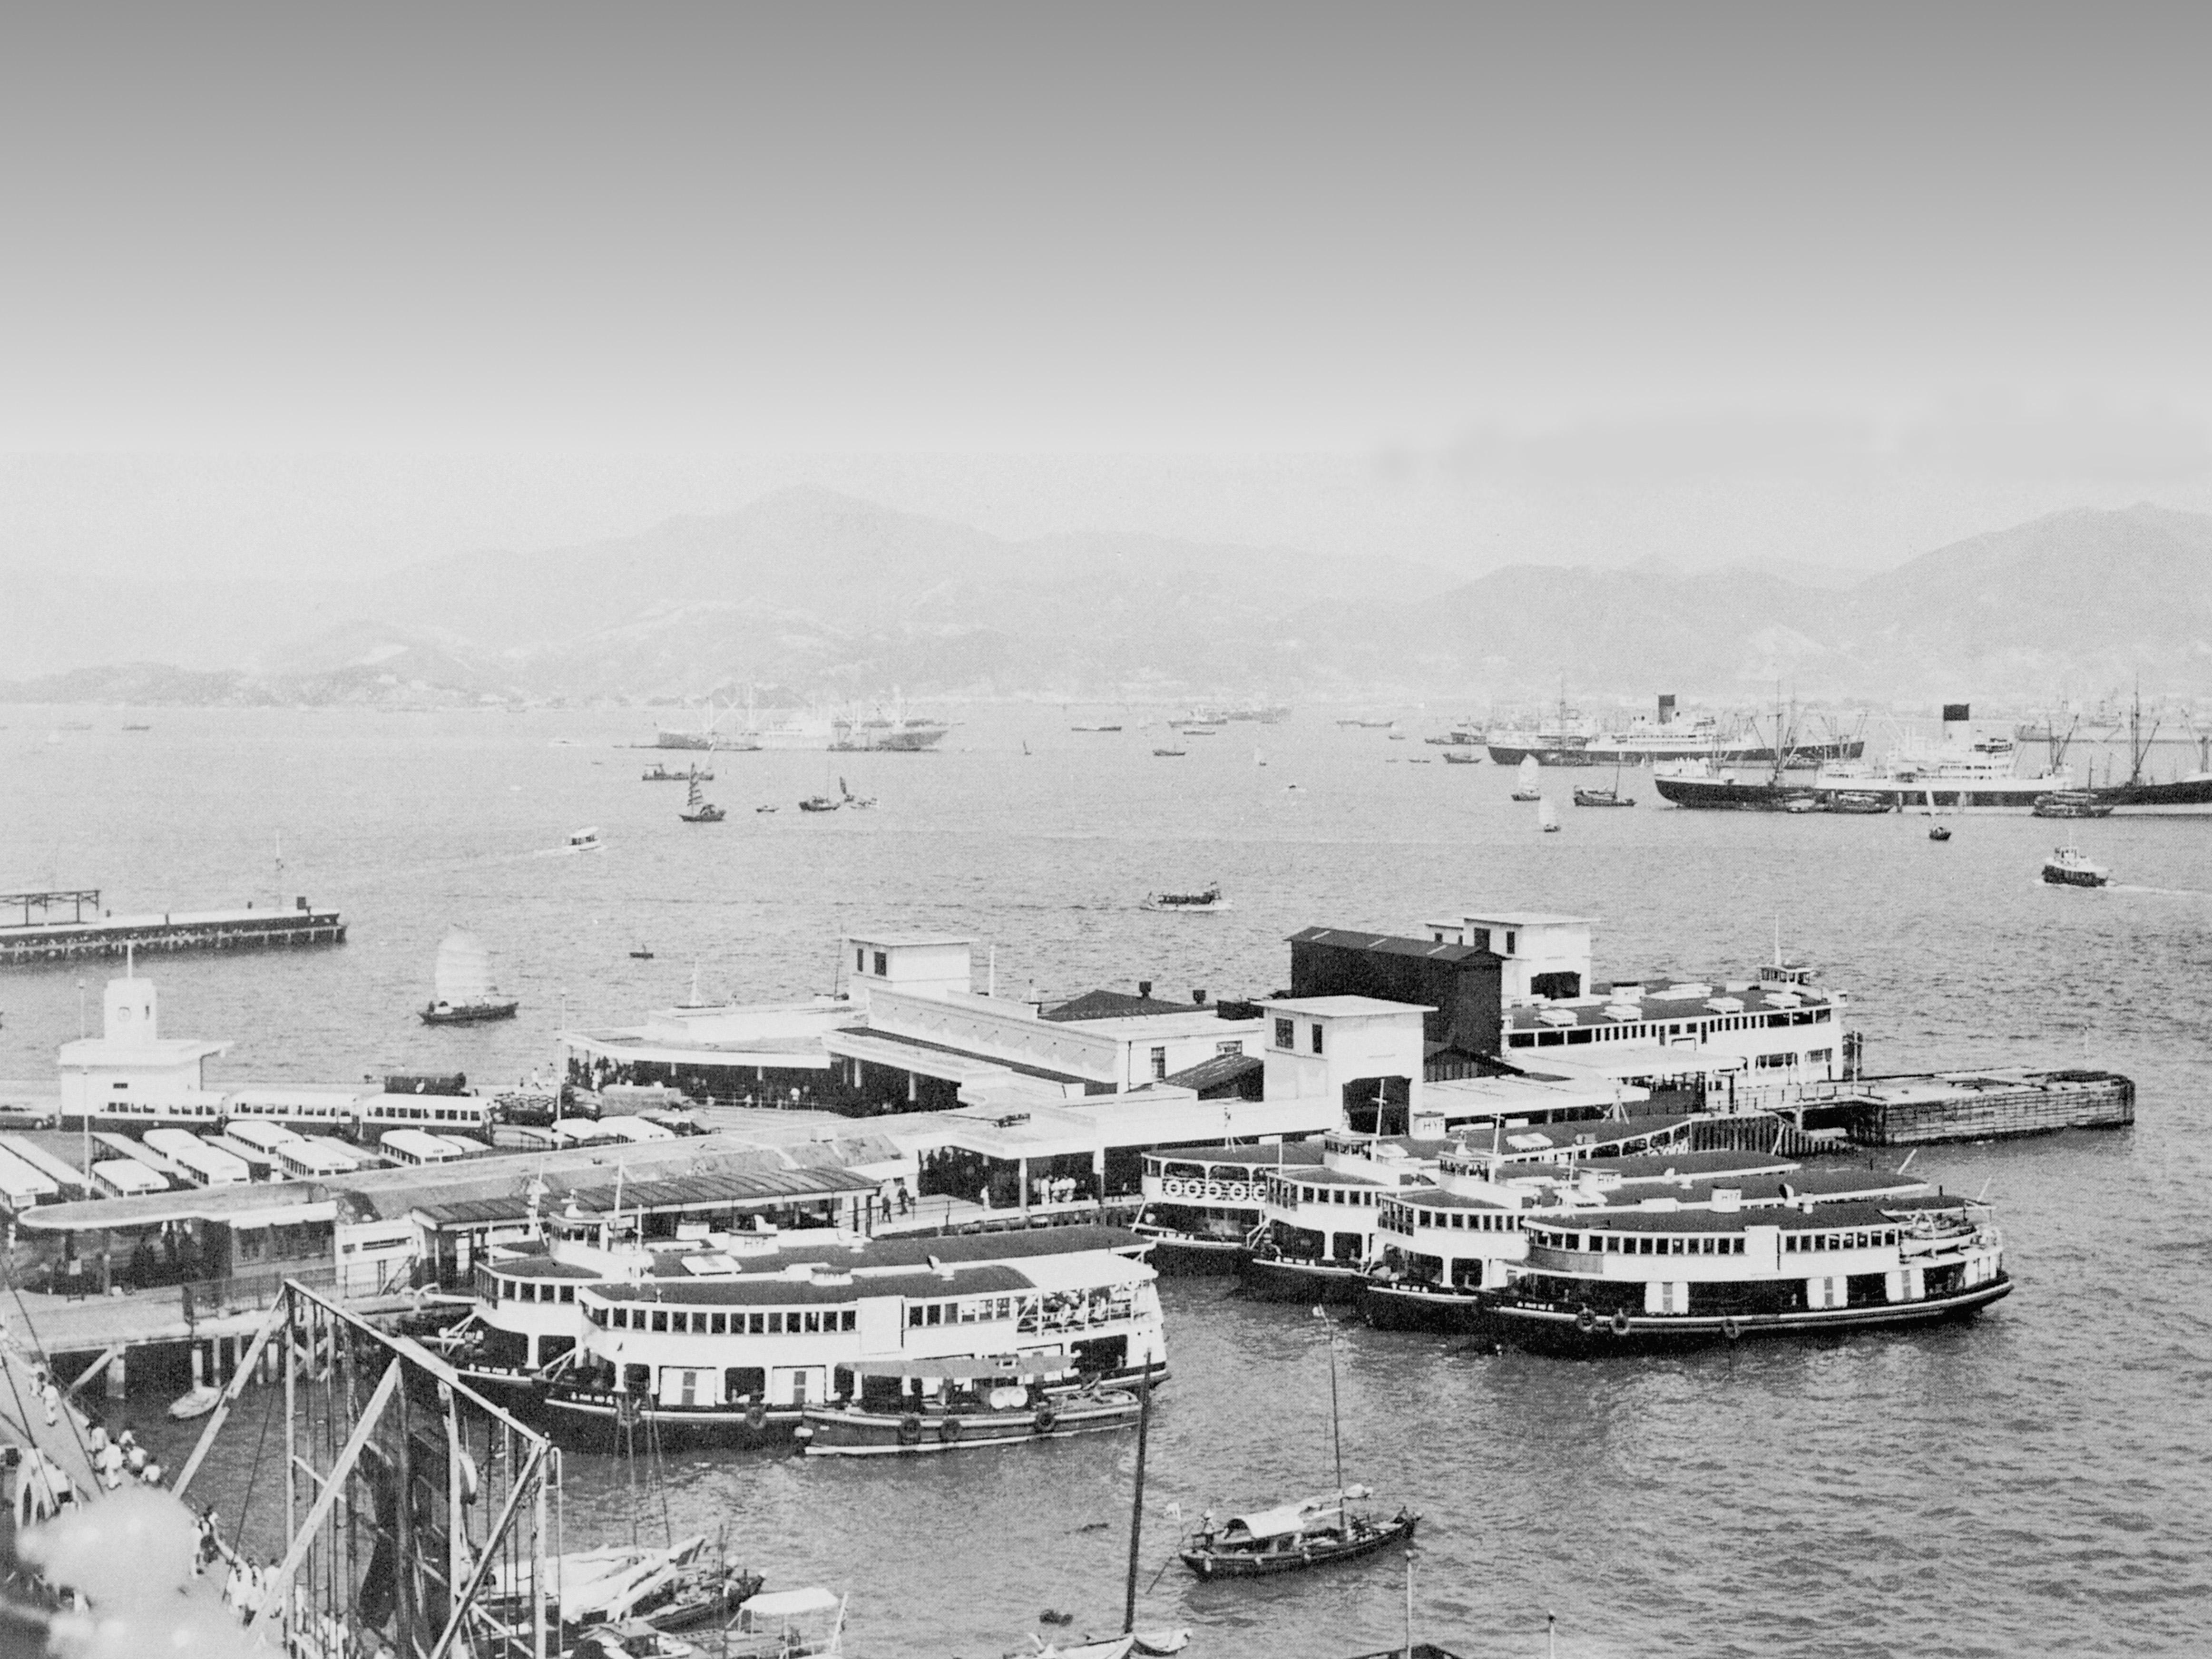 http://ubeat.com.cuhk.edu.hk/wp-content/uploads/2018/139_ferry_06.jpg